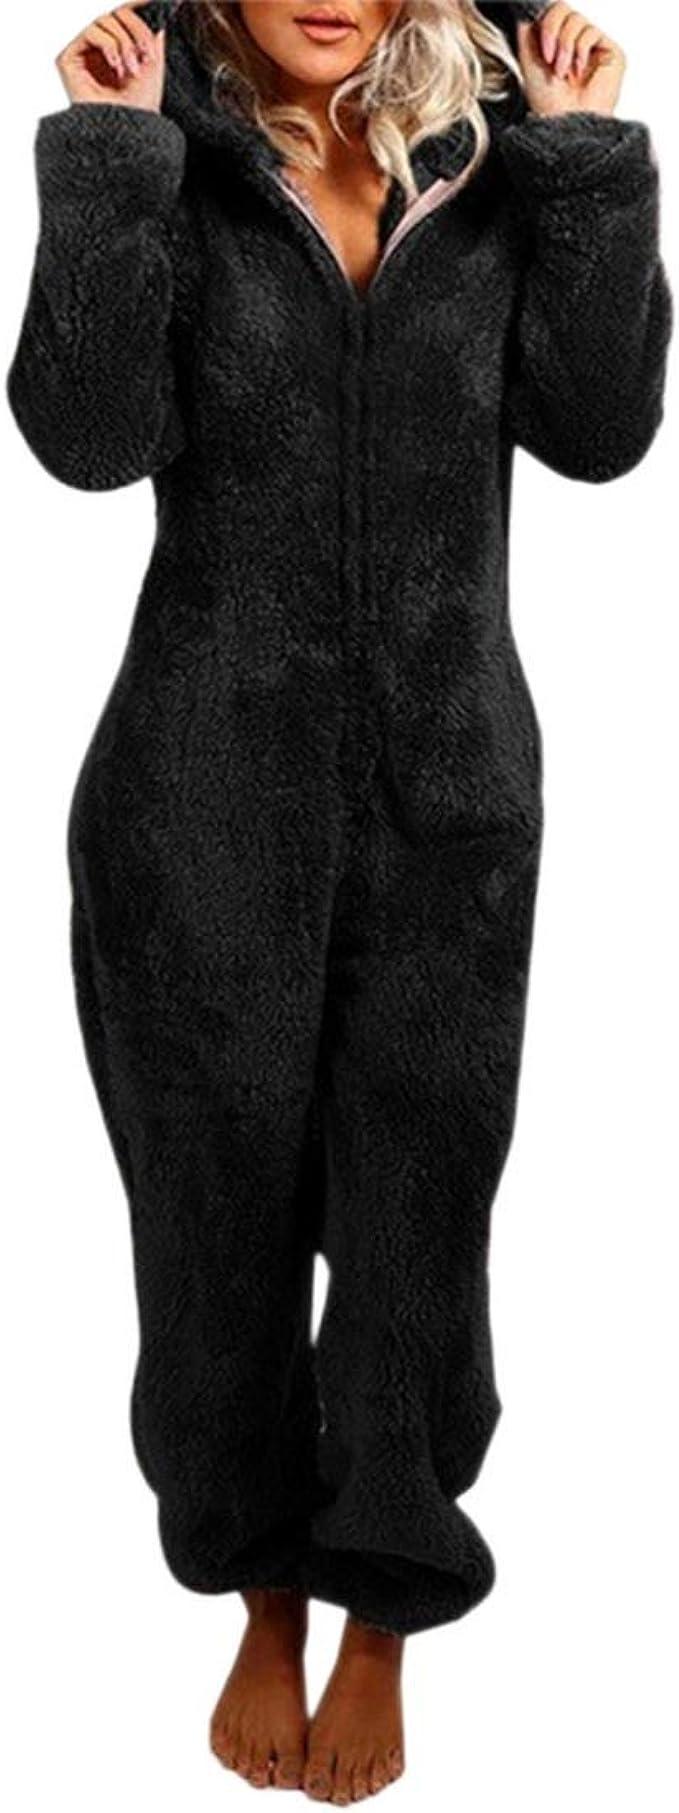 Westkun Unisexe Flanelle Lounge Peignoir Blouse Complet Zipper Longs Manteaux Pyjamas V/êtements de Nuit pour Homme et Femme